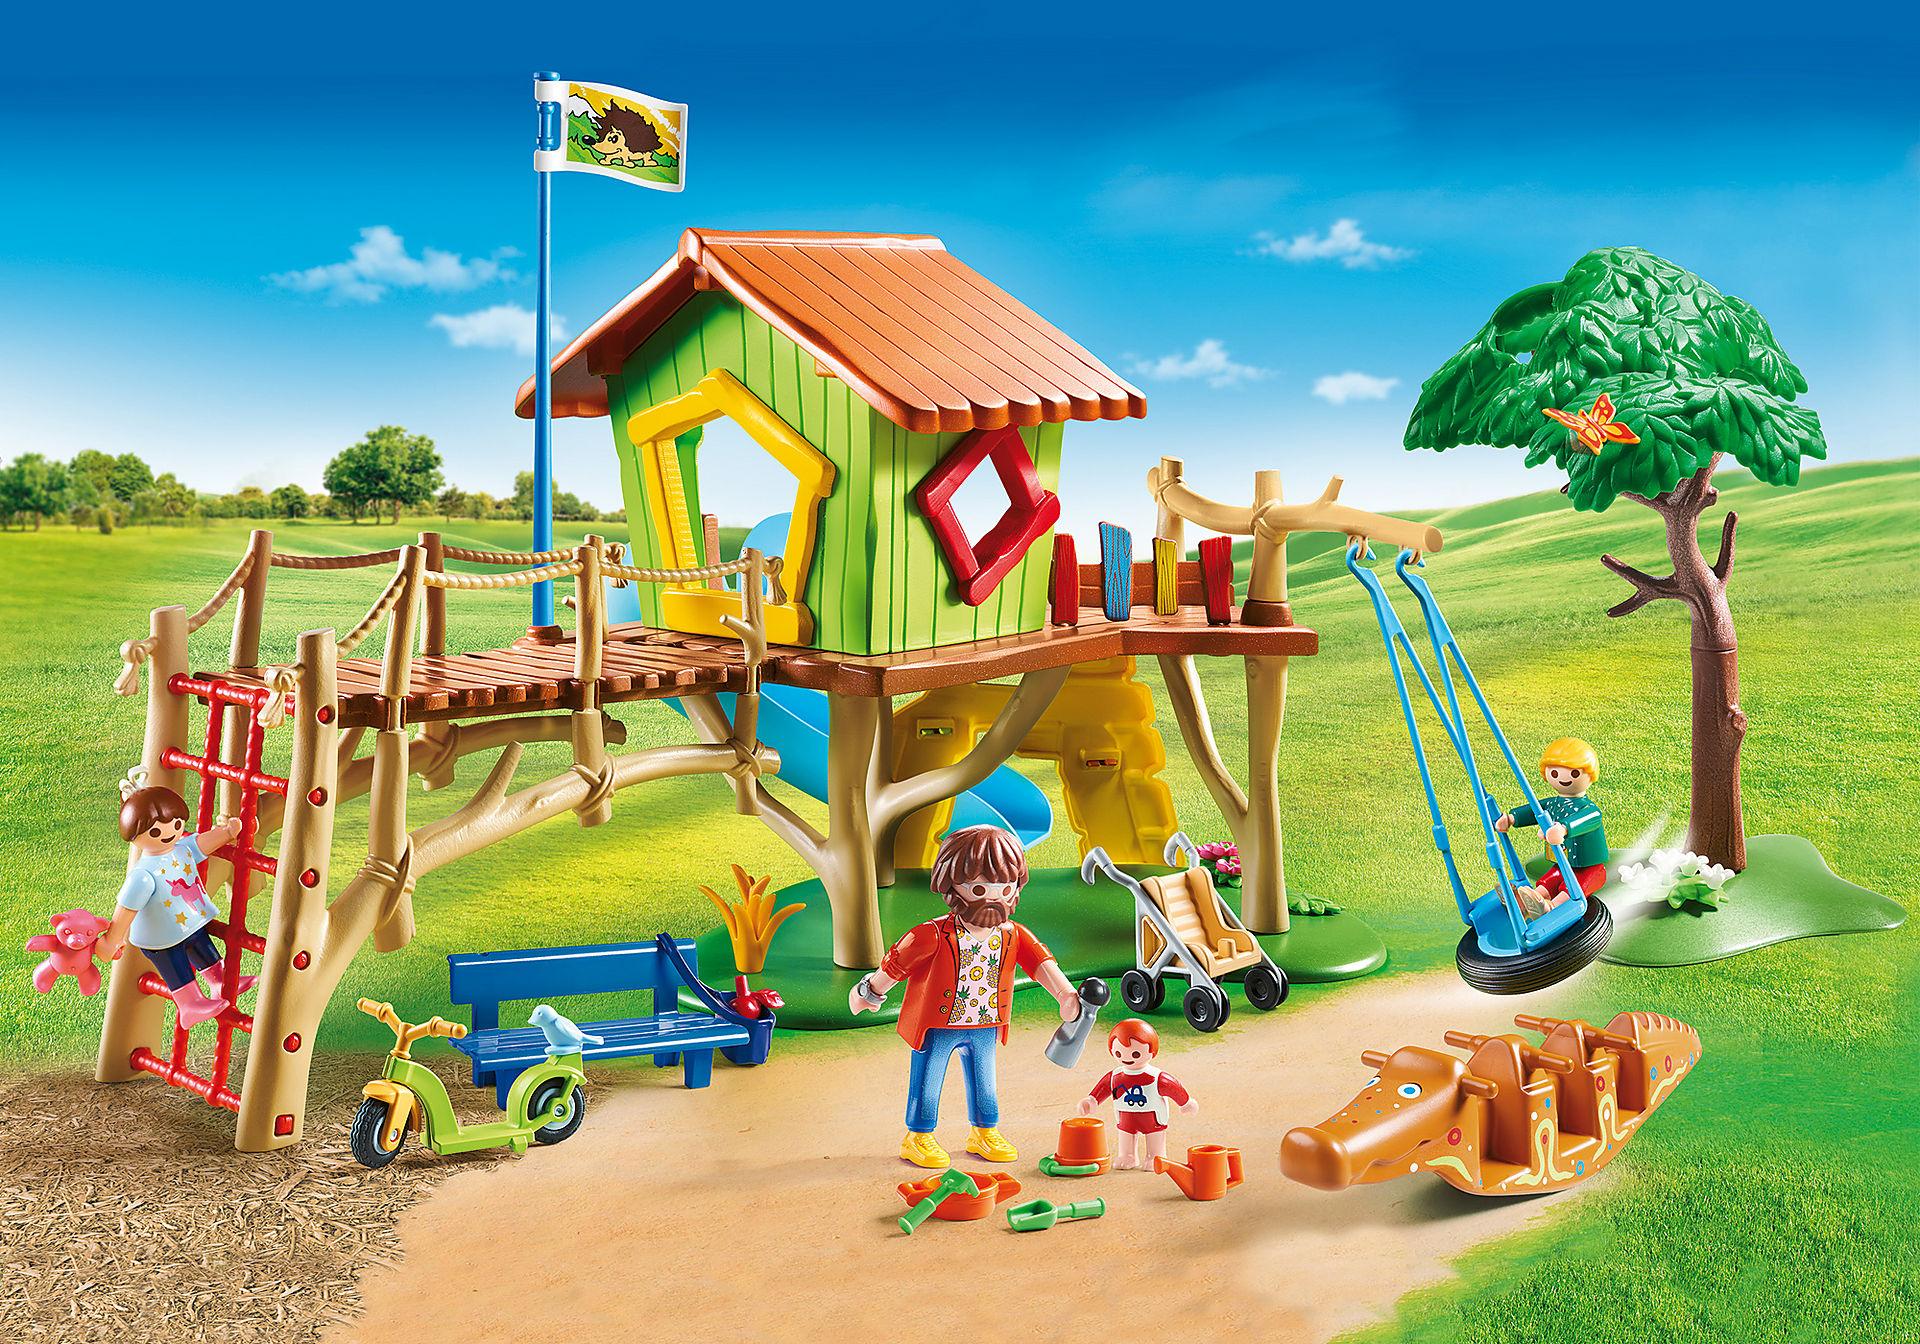 70281 Parco giochi dell'asilo zoom image1